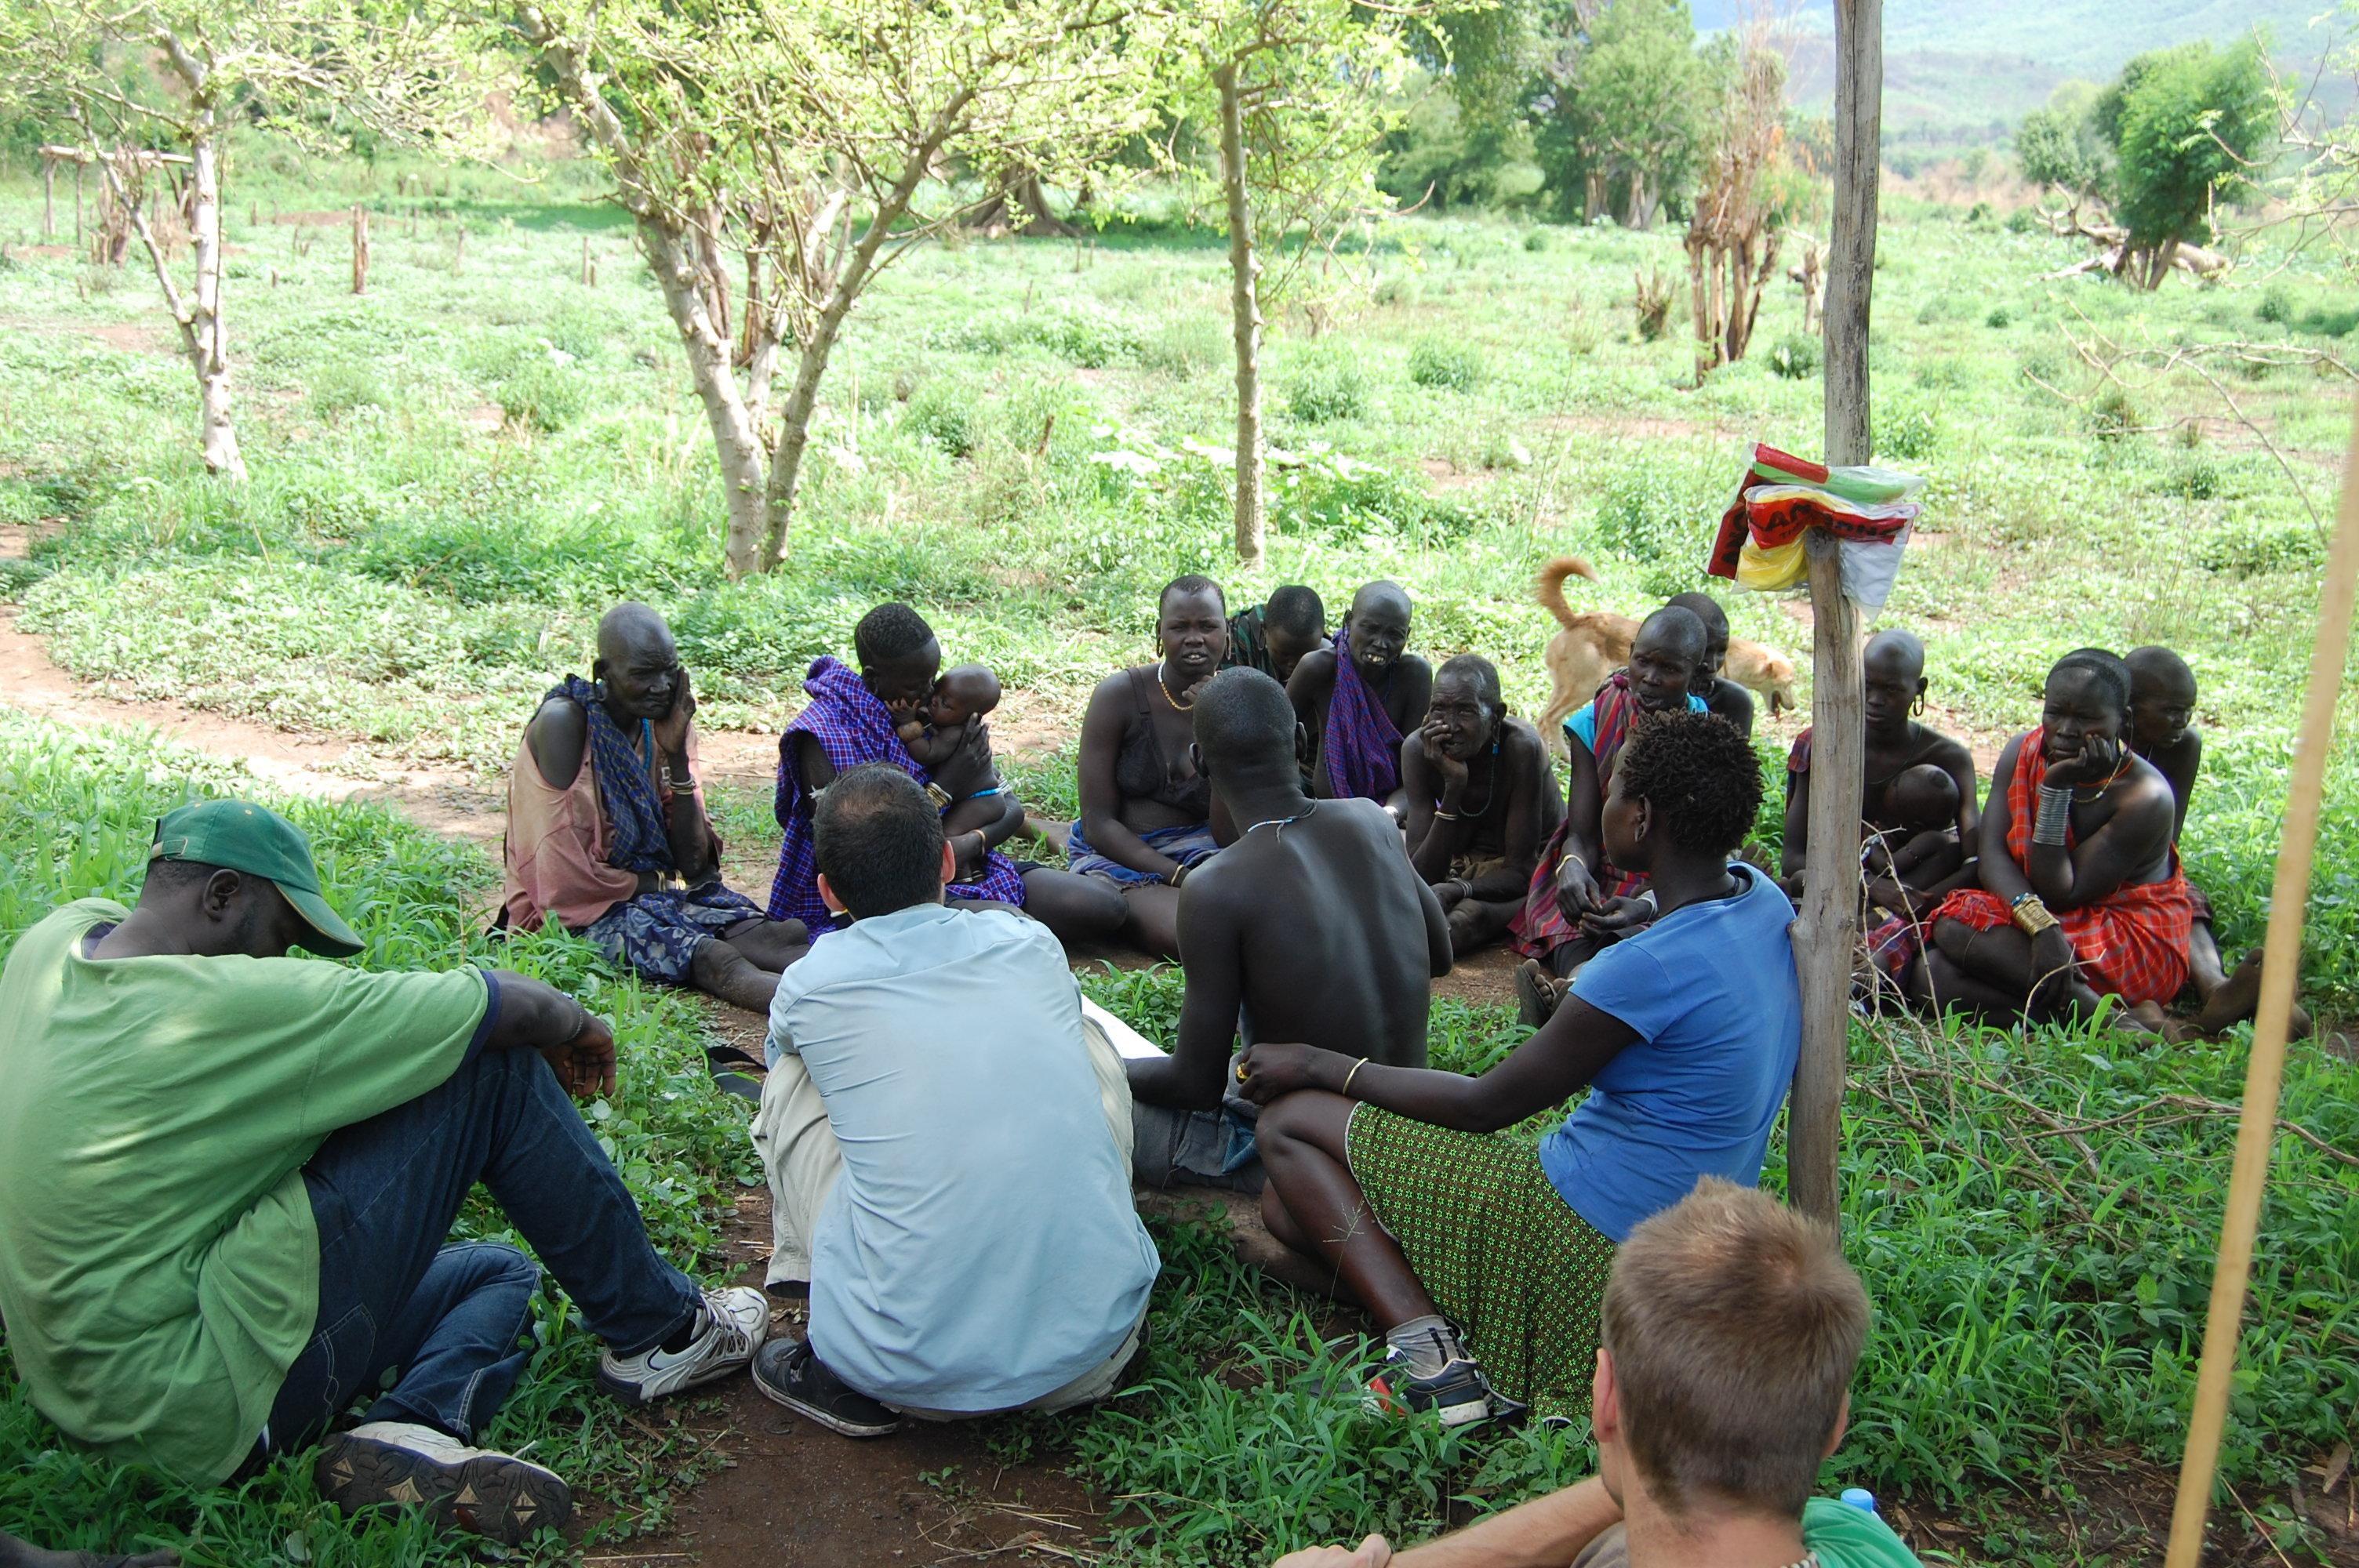 Focus Group Interview met drie tolken en groep van 12 vrouwen - Makki Village 04.2011